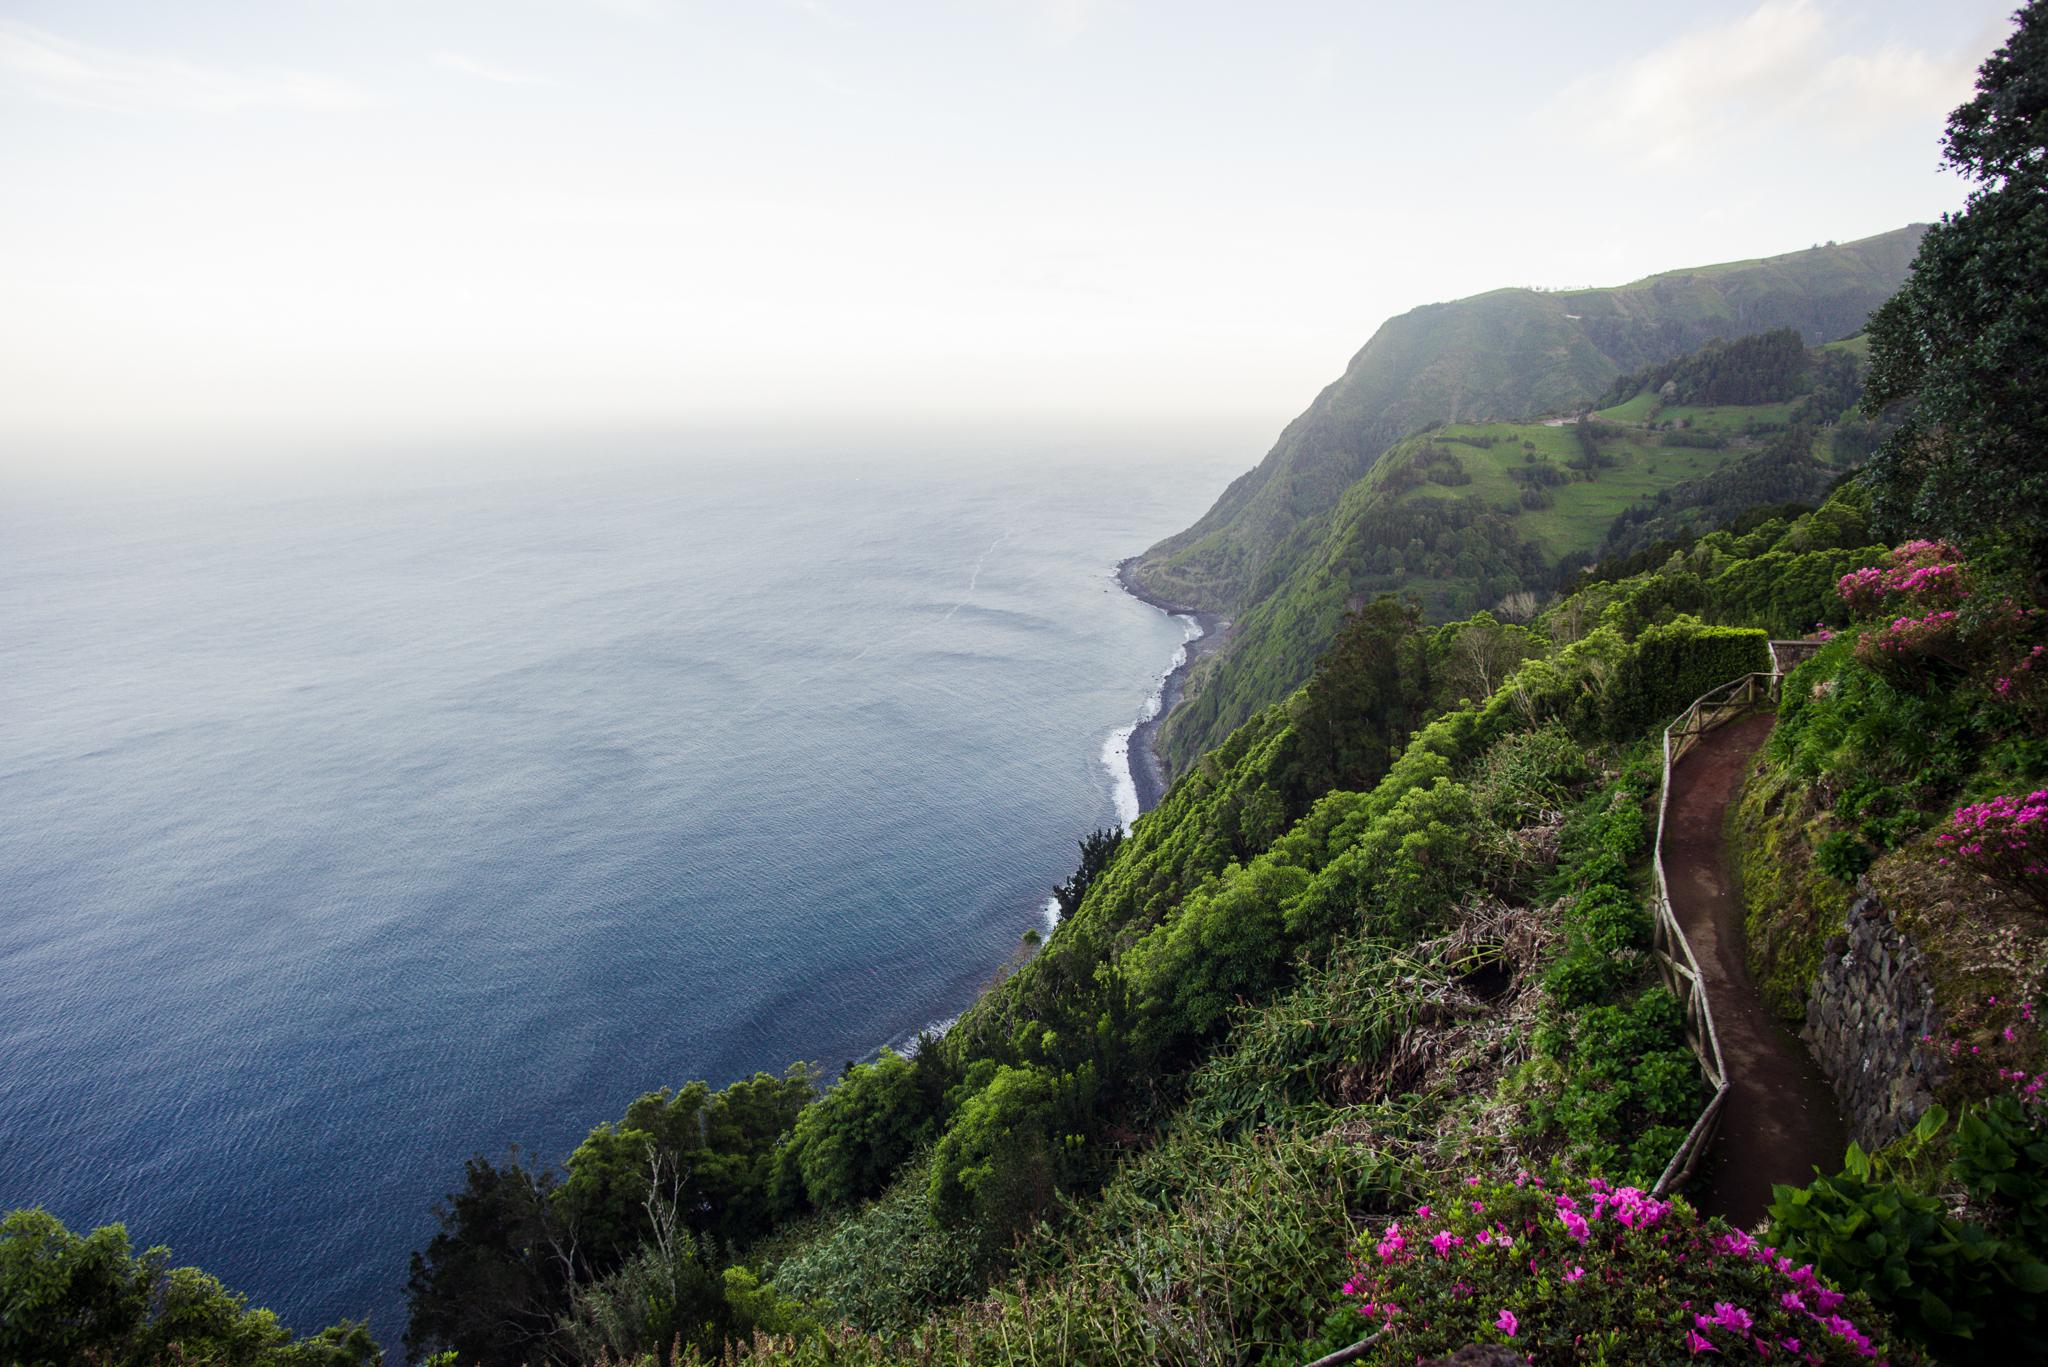 Ponta do Sossego kilátó az Azori-szigeteken.